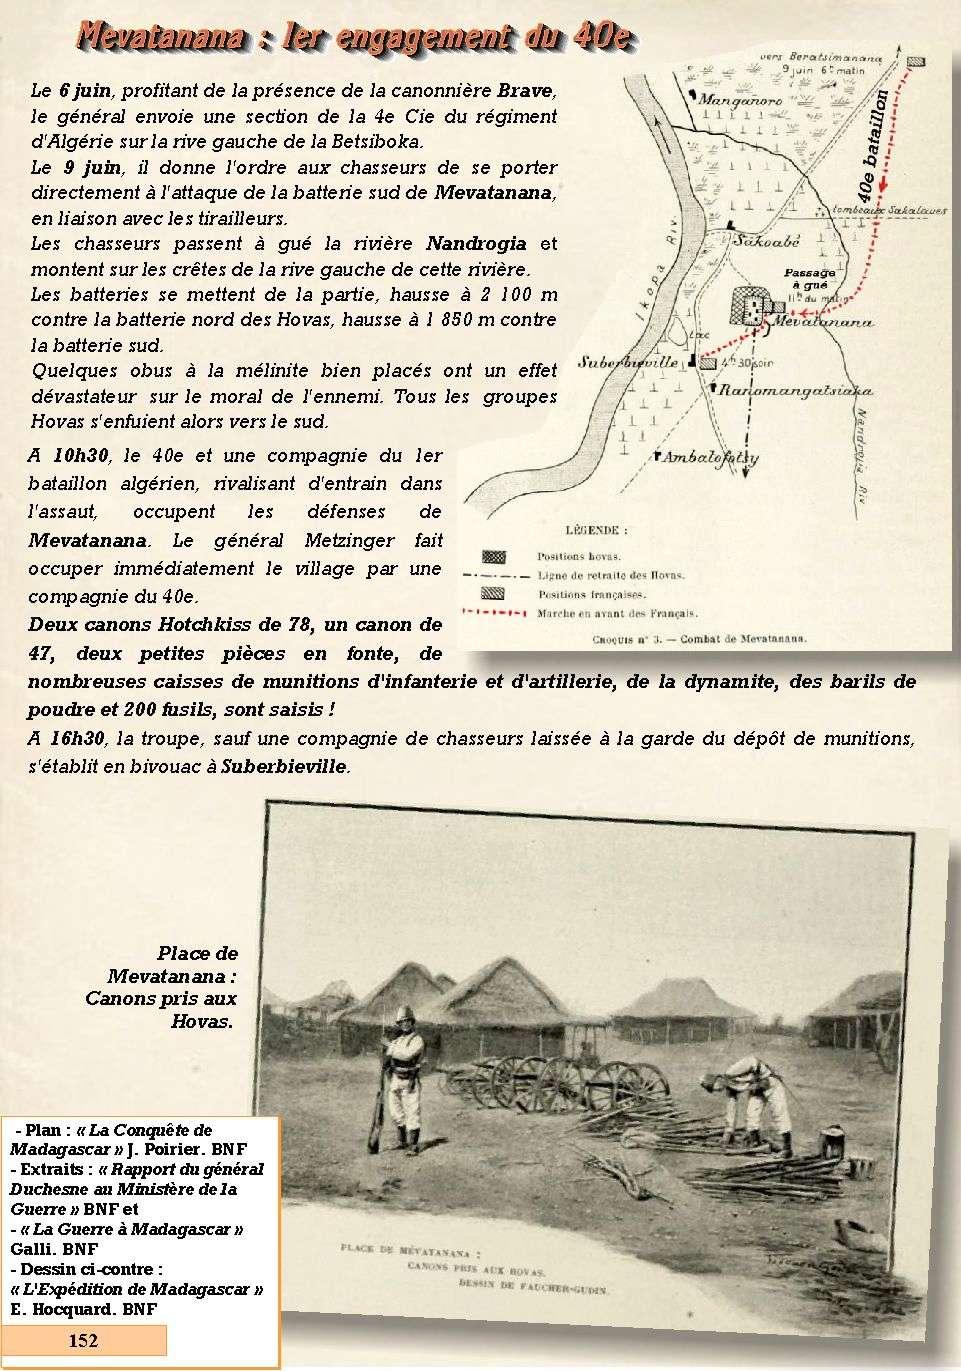 L'Historique du 14e Bataillon de Chasseurs. 1854 - 1962 Page_175